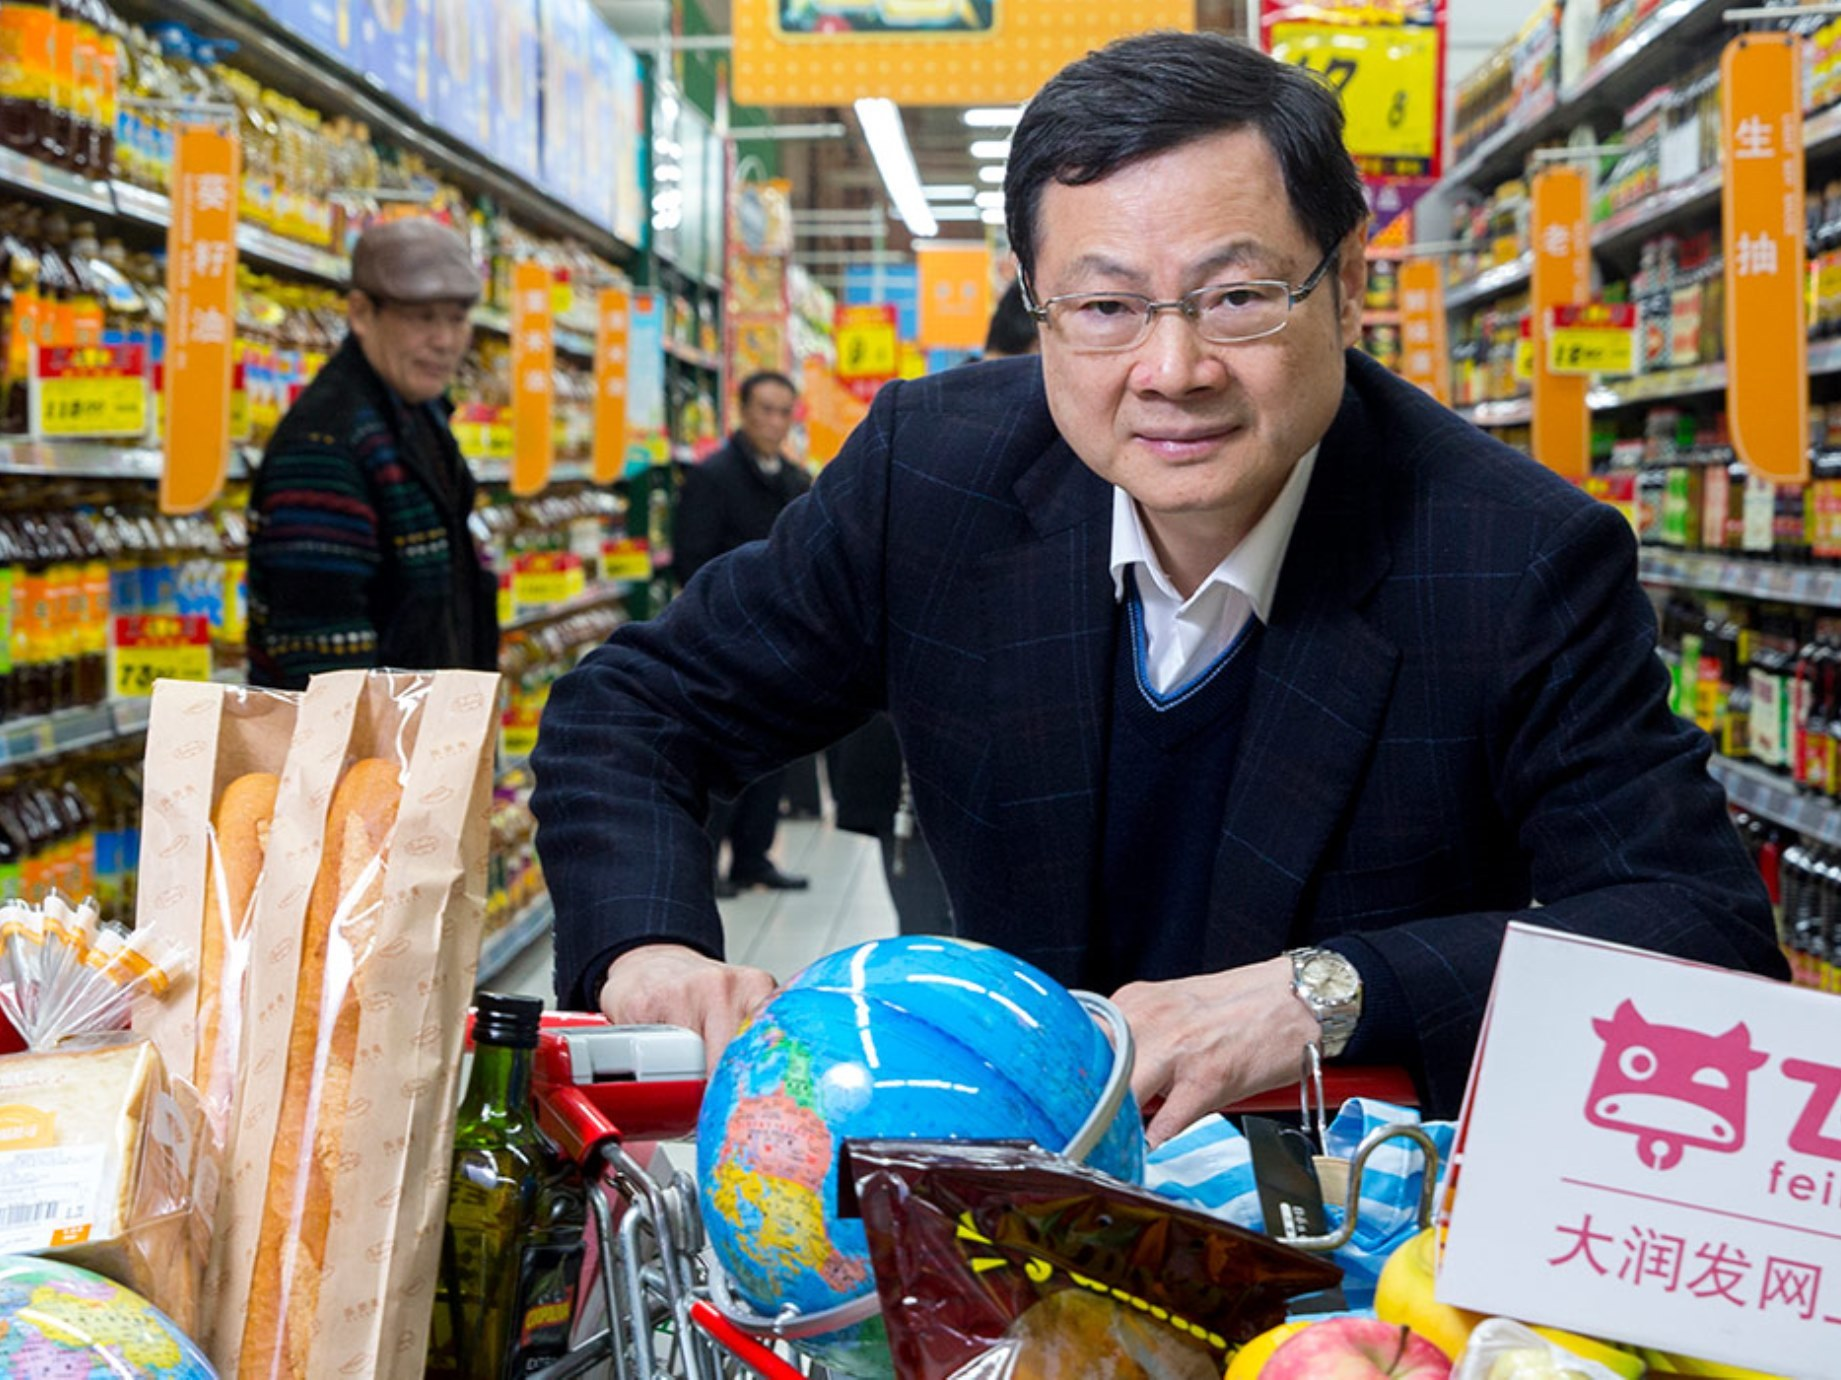 從阿里巴巴入股高鑫,看懂「混血」新零售如何攻克電商與傳統零售業